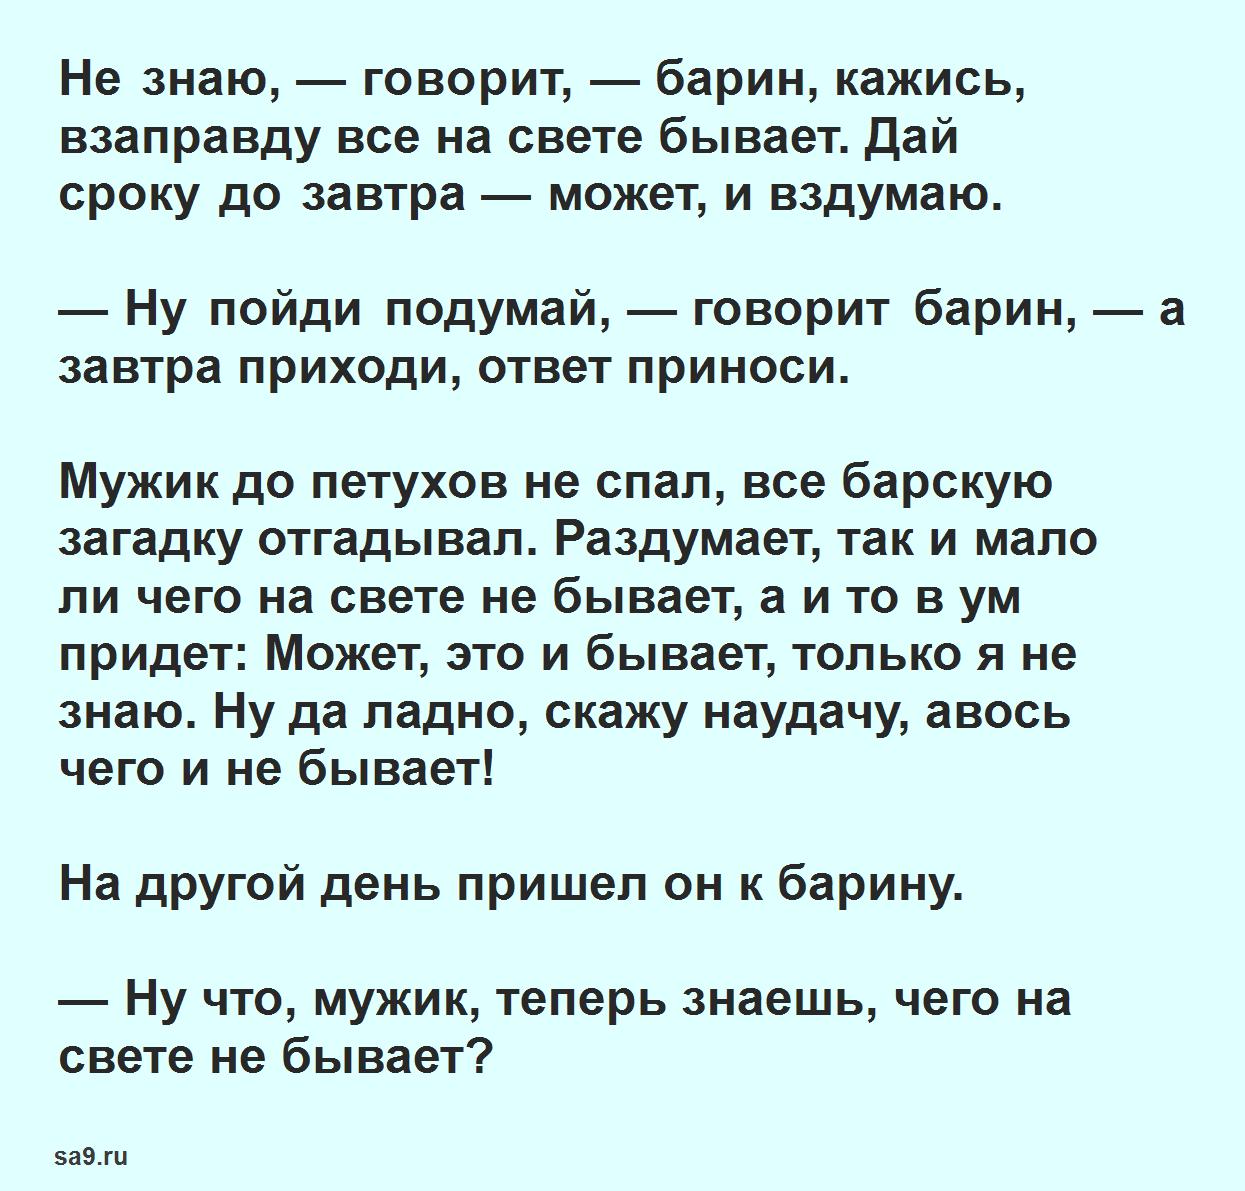 Русская народная сказка для детей – Чего на свете не бывает